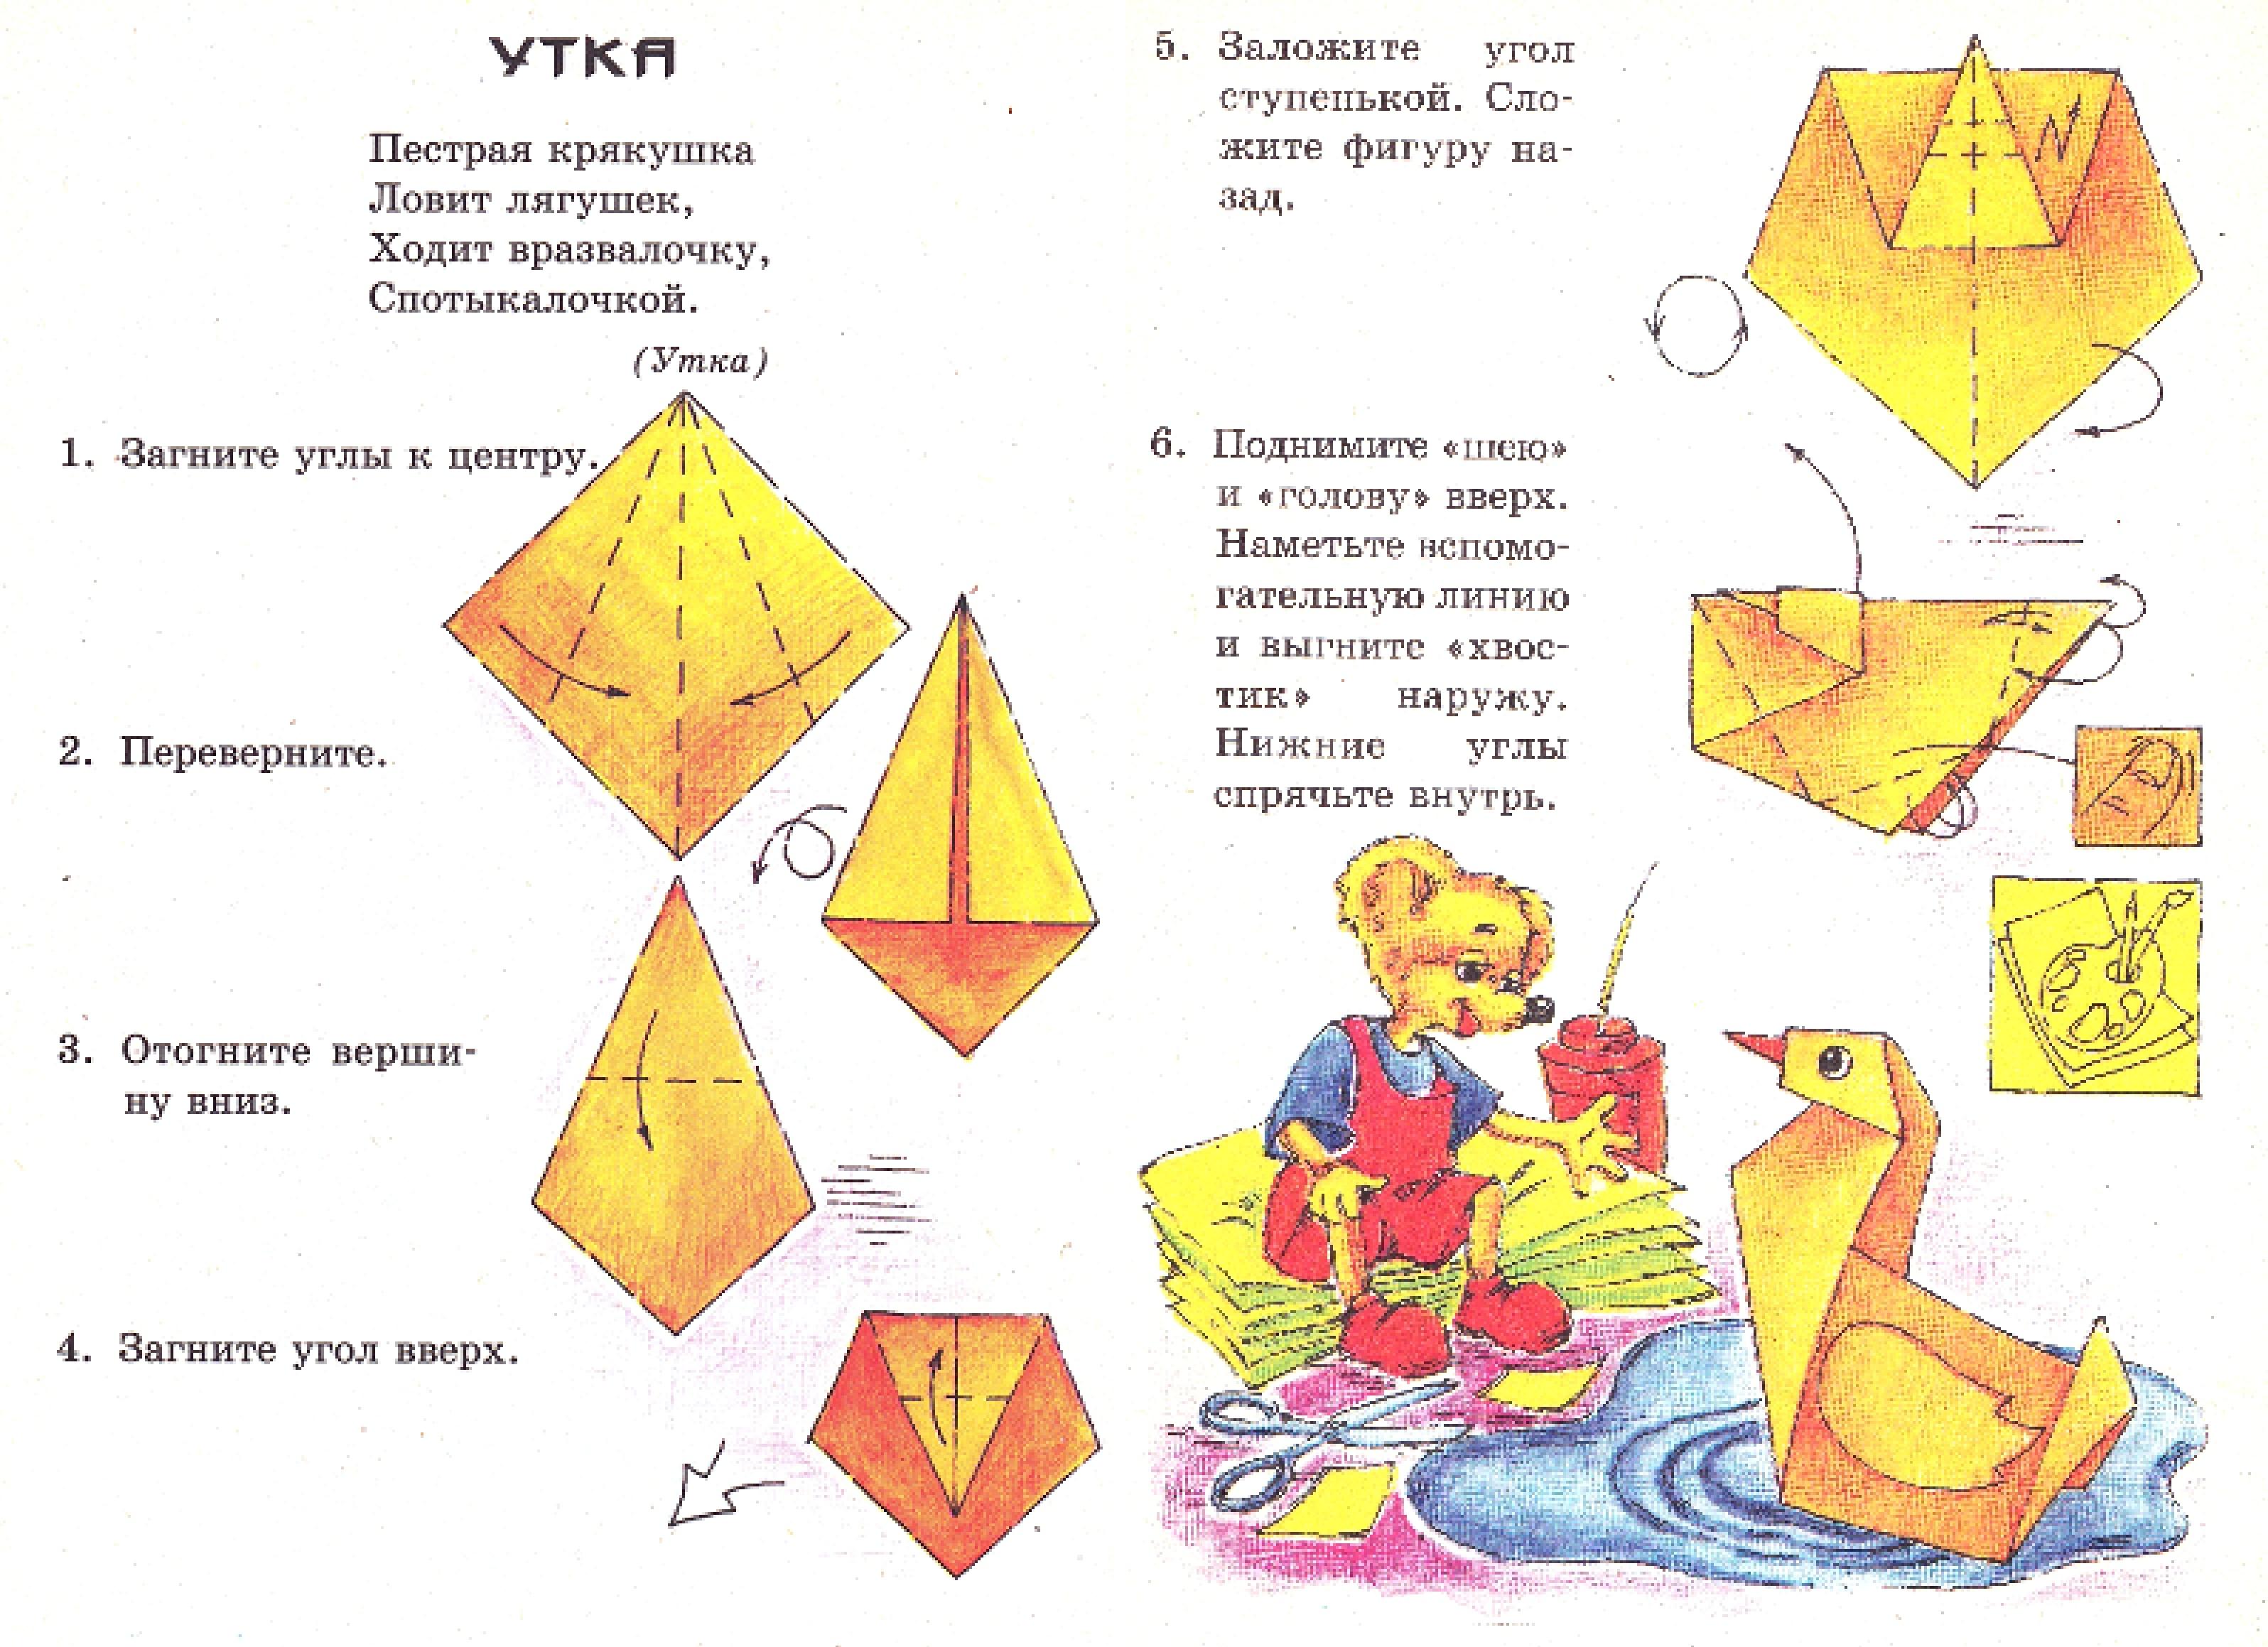 4 схема-конспект